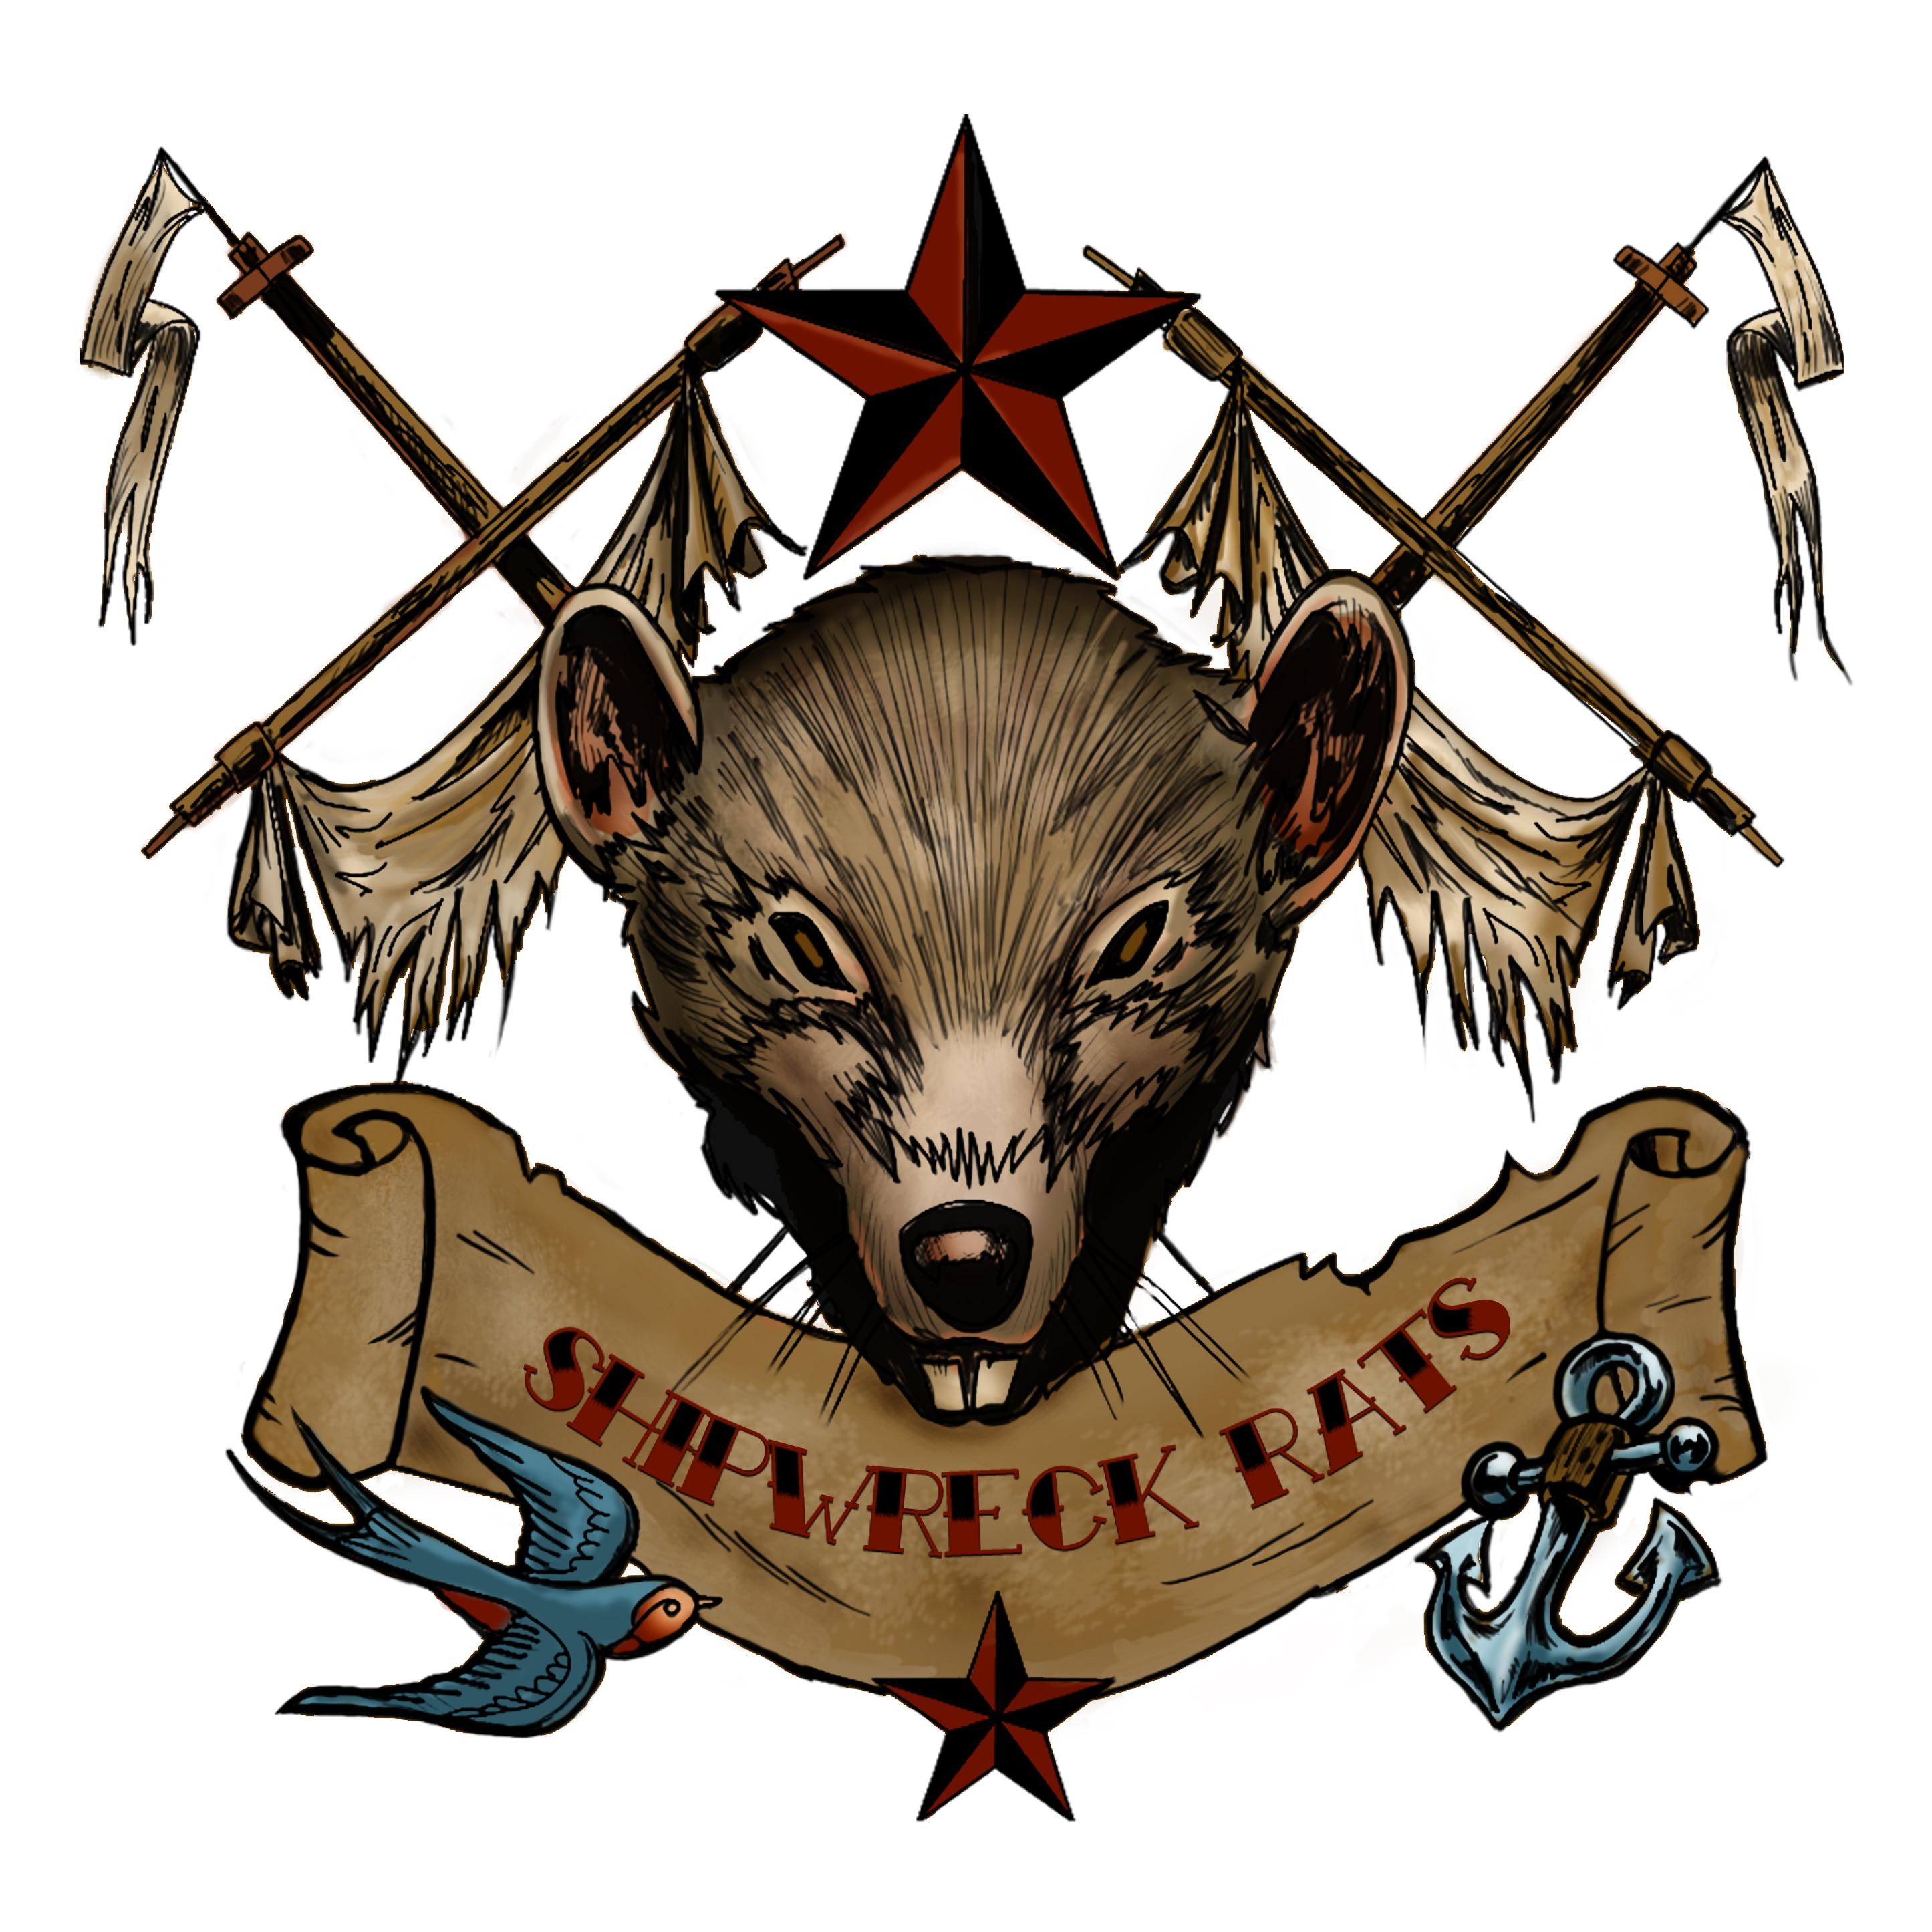 Shipwreck Rats